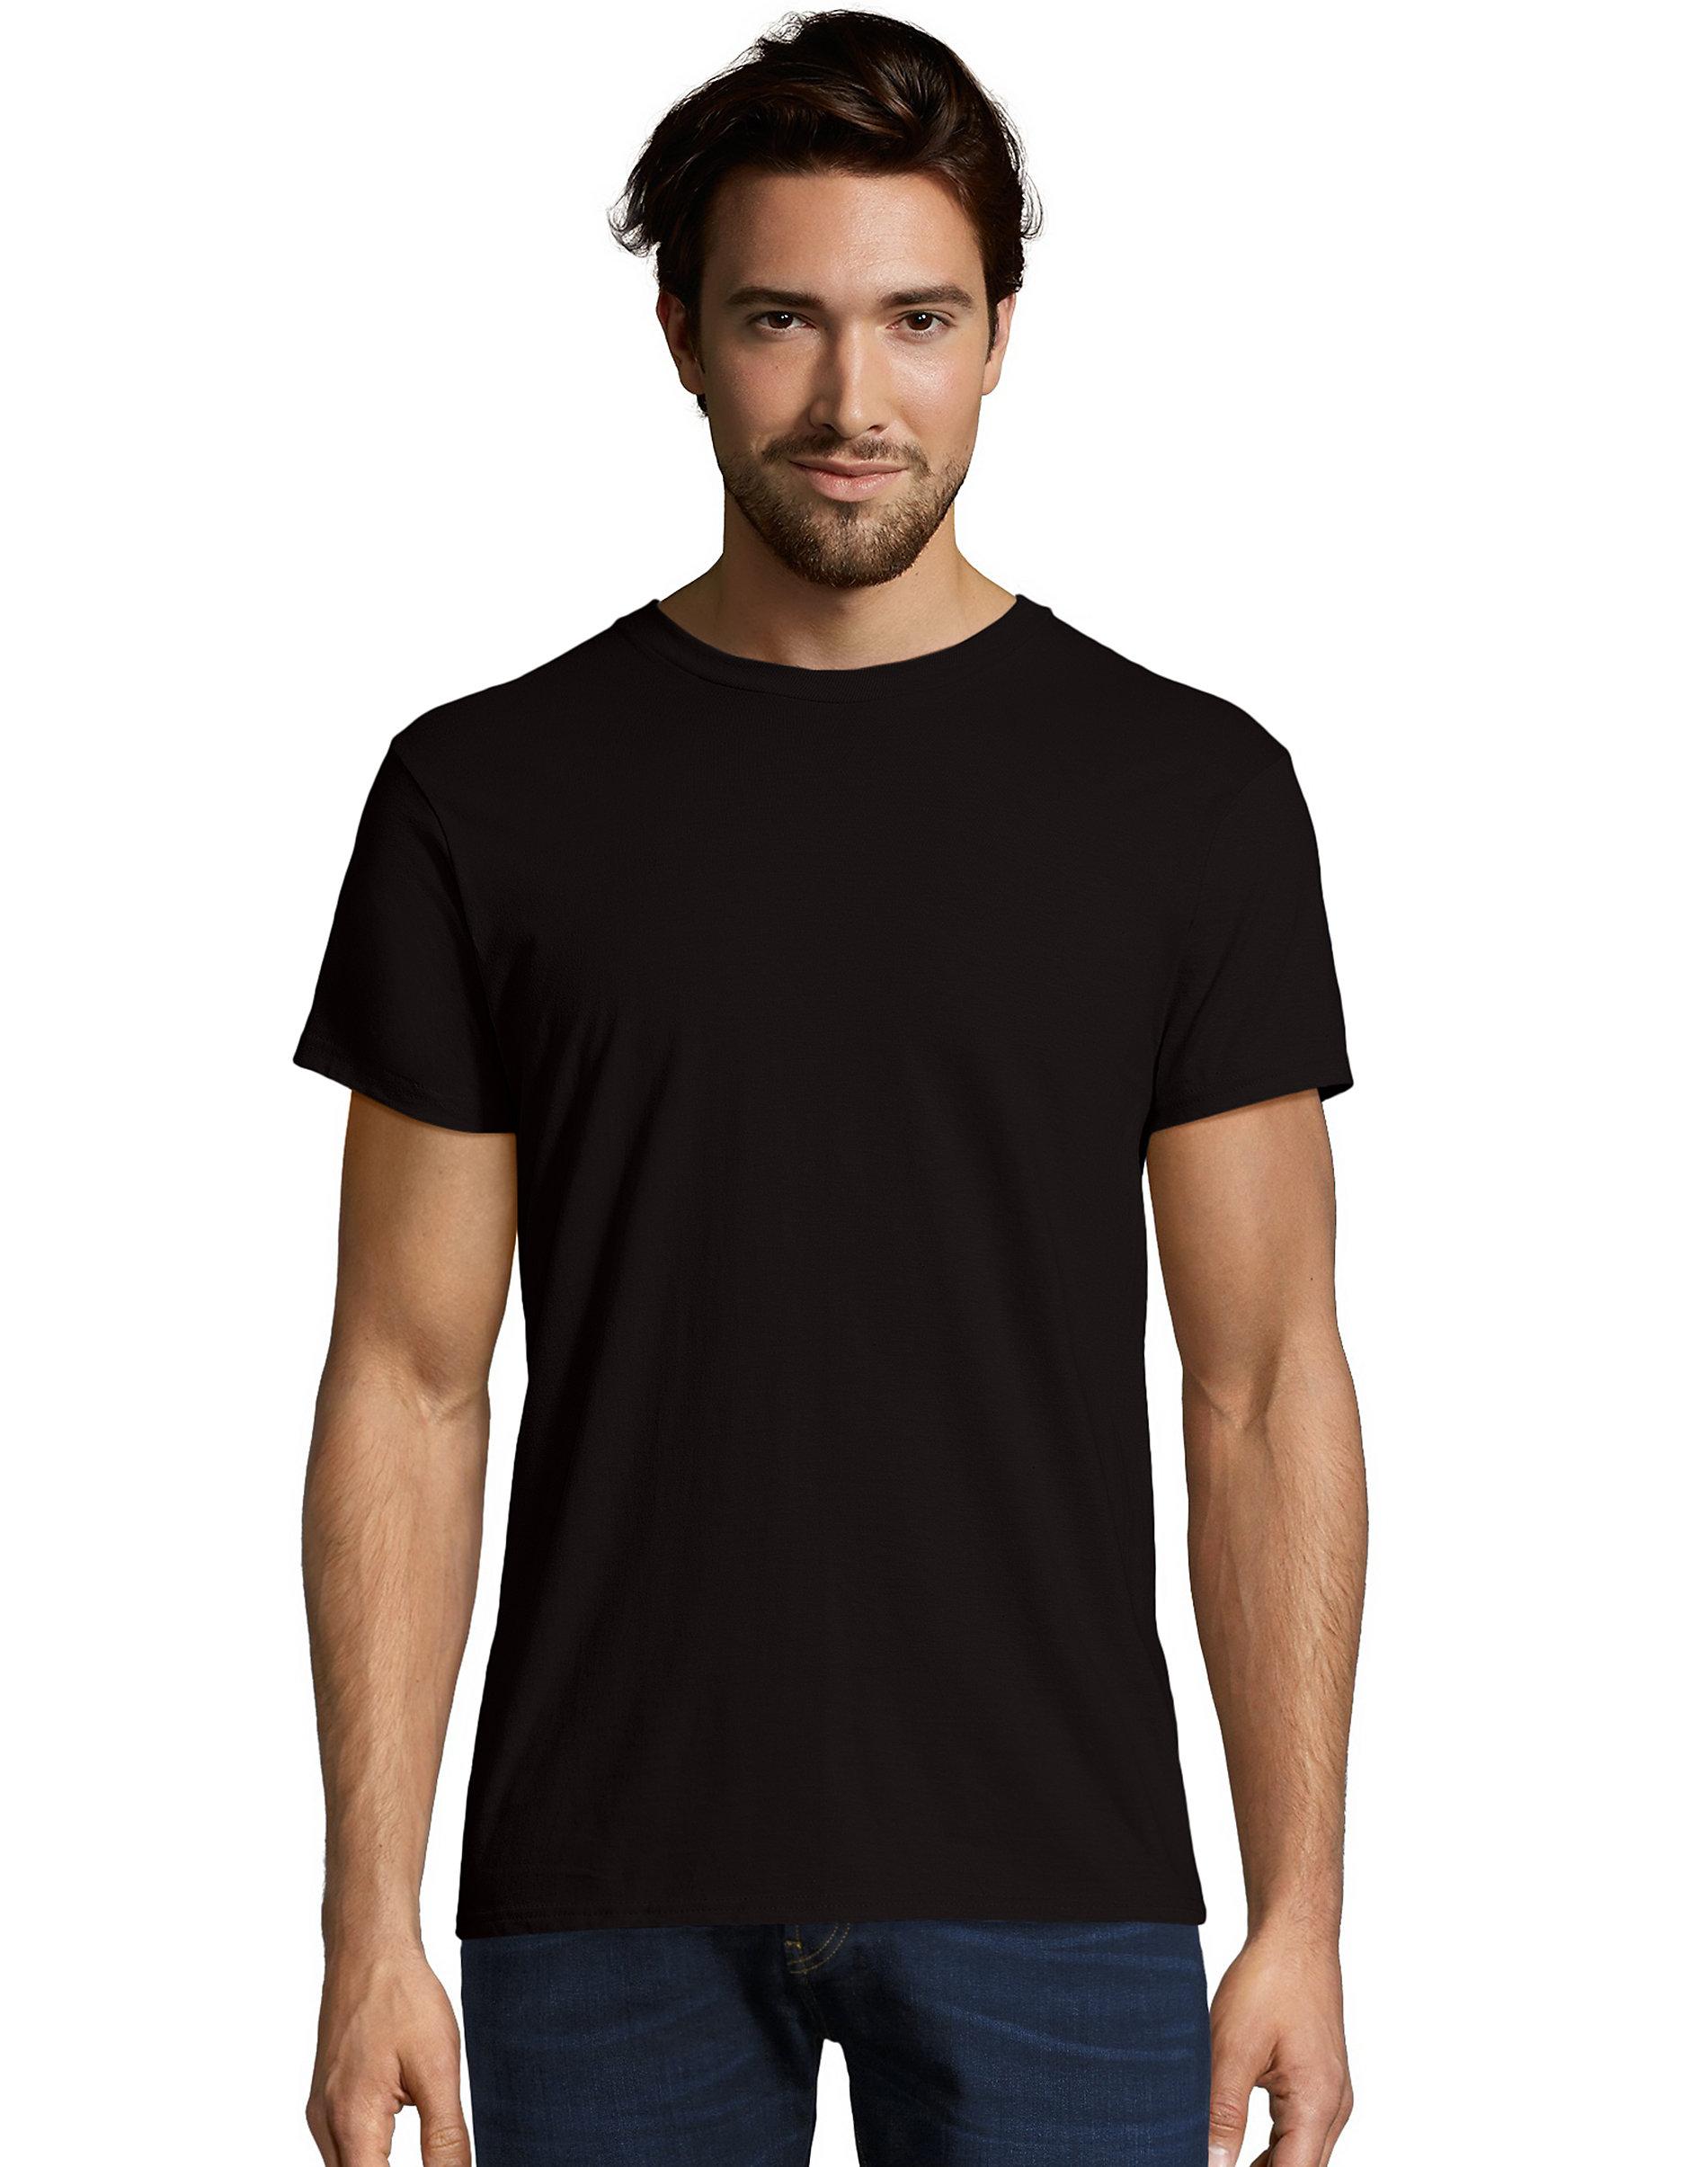 Nano-T-shirt_Ash_L de los hombres dFd8YB3P